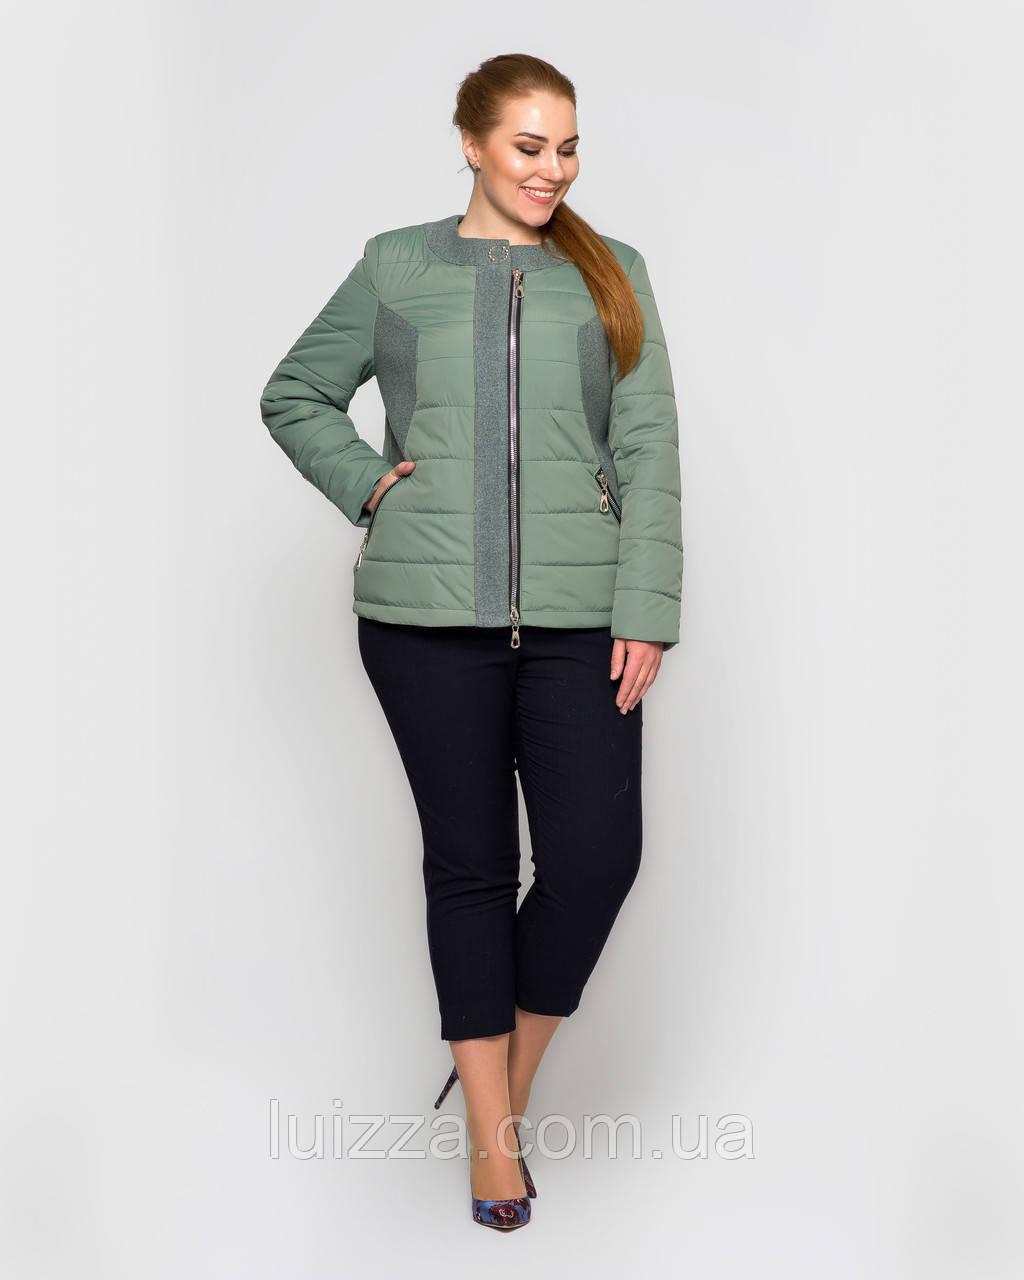 Женская демисезонная куртка с воротом Шанель 48-56рр, полынь